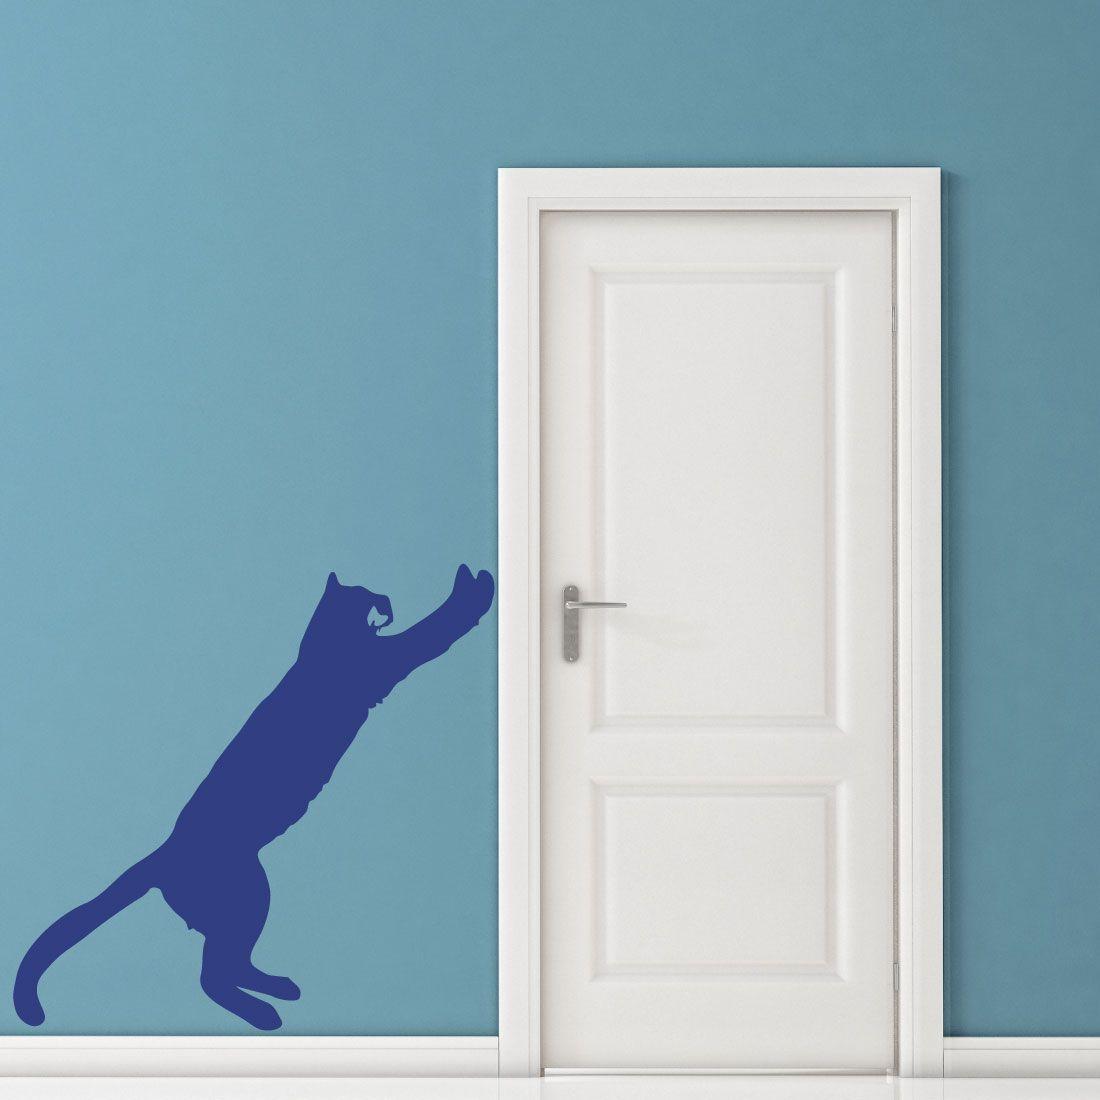 Amazing Dekorieren Sie Ihre Wände Mit Dem Motiv: Katze An Der Tür Wandtattoo Von  Wandtattoo.